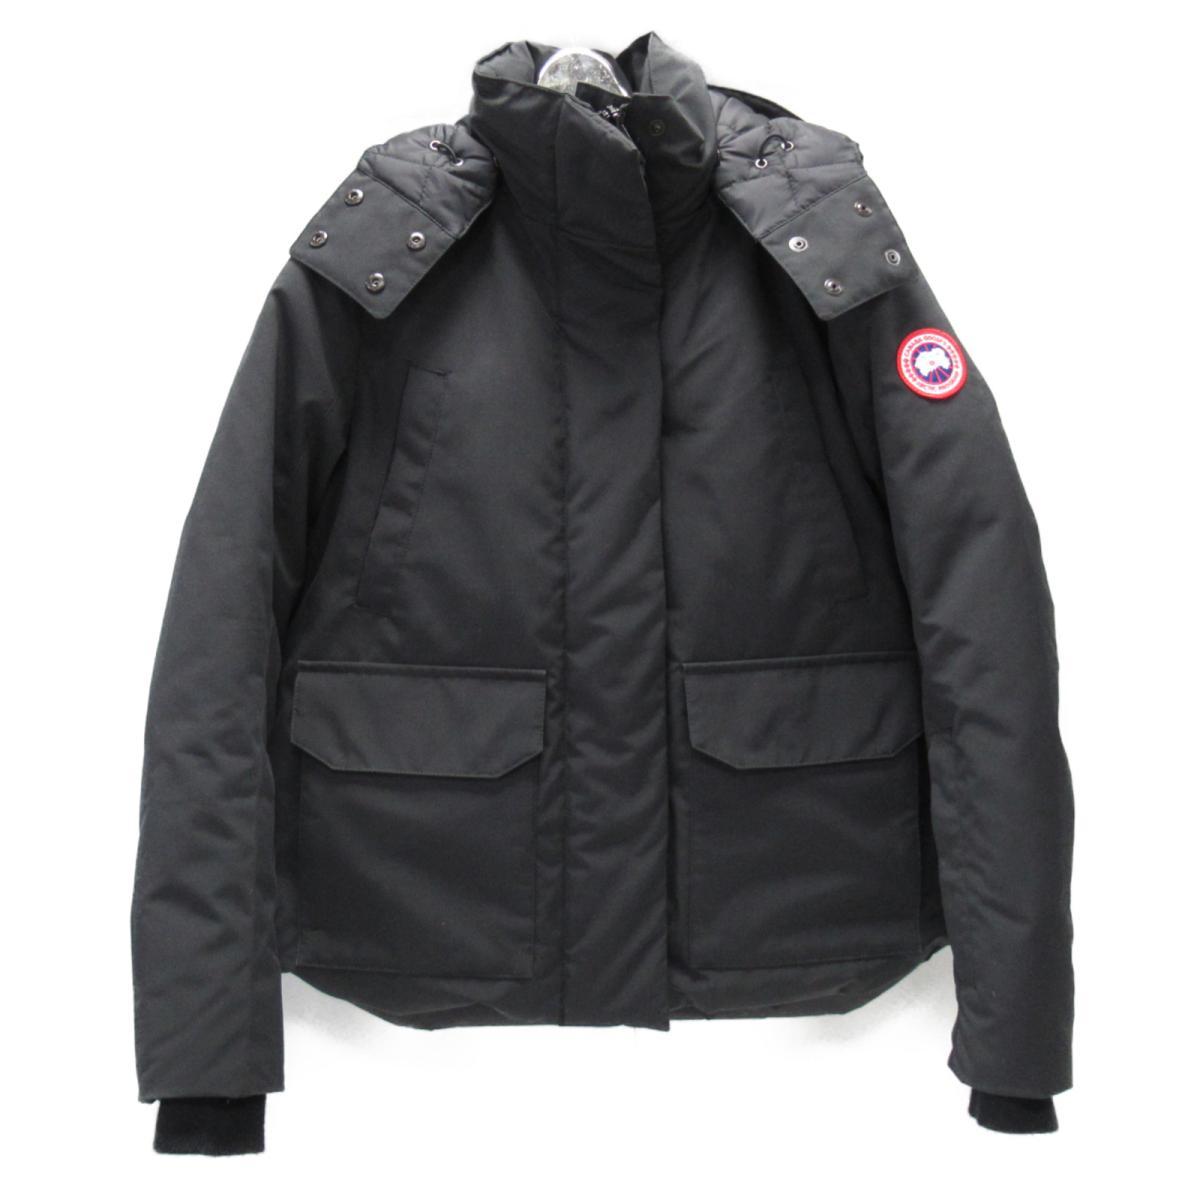 【中古】 カナダグース ダウンジャケット レディース ポリエステル (85%) x コットン (15%) ブラック (5804L) | CANADA GOOSE BRANDOFF ブランドオフ 衣料品 衣類 ブランド アウター ジャケット コート